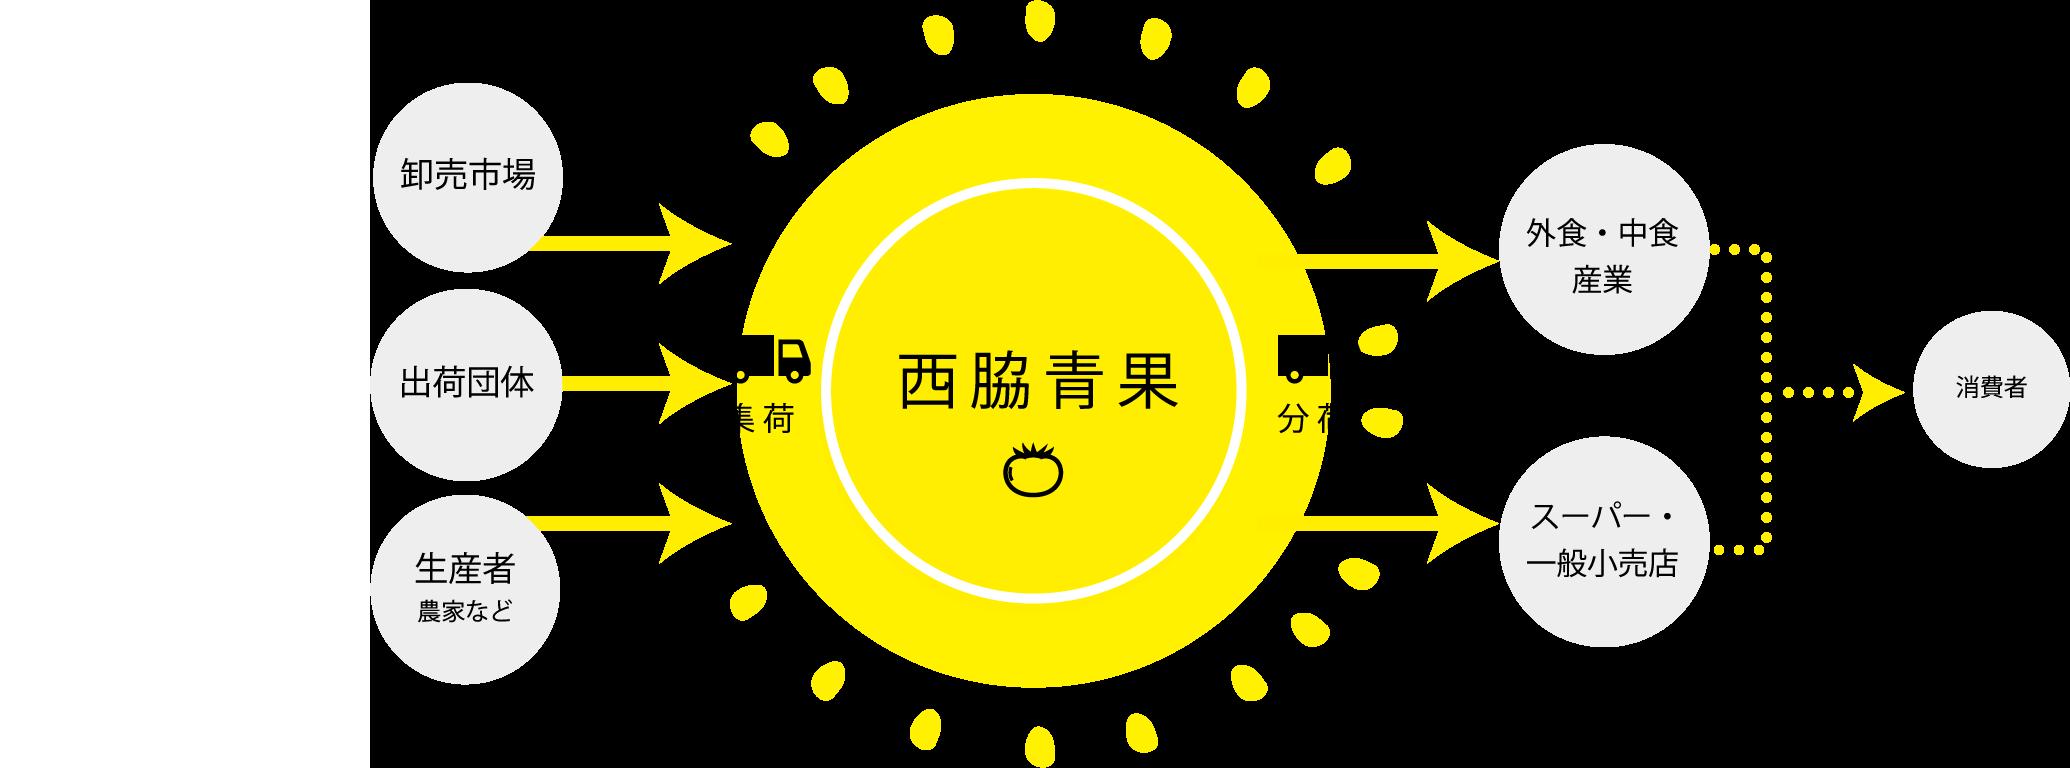 卸売市場・出荷団体・生産者など→集荷→西脇青果→分荷→外食中食産業・スーパー一般小売店→消費者